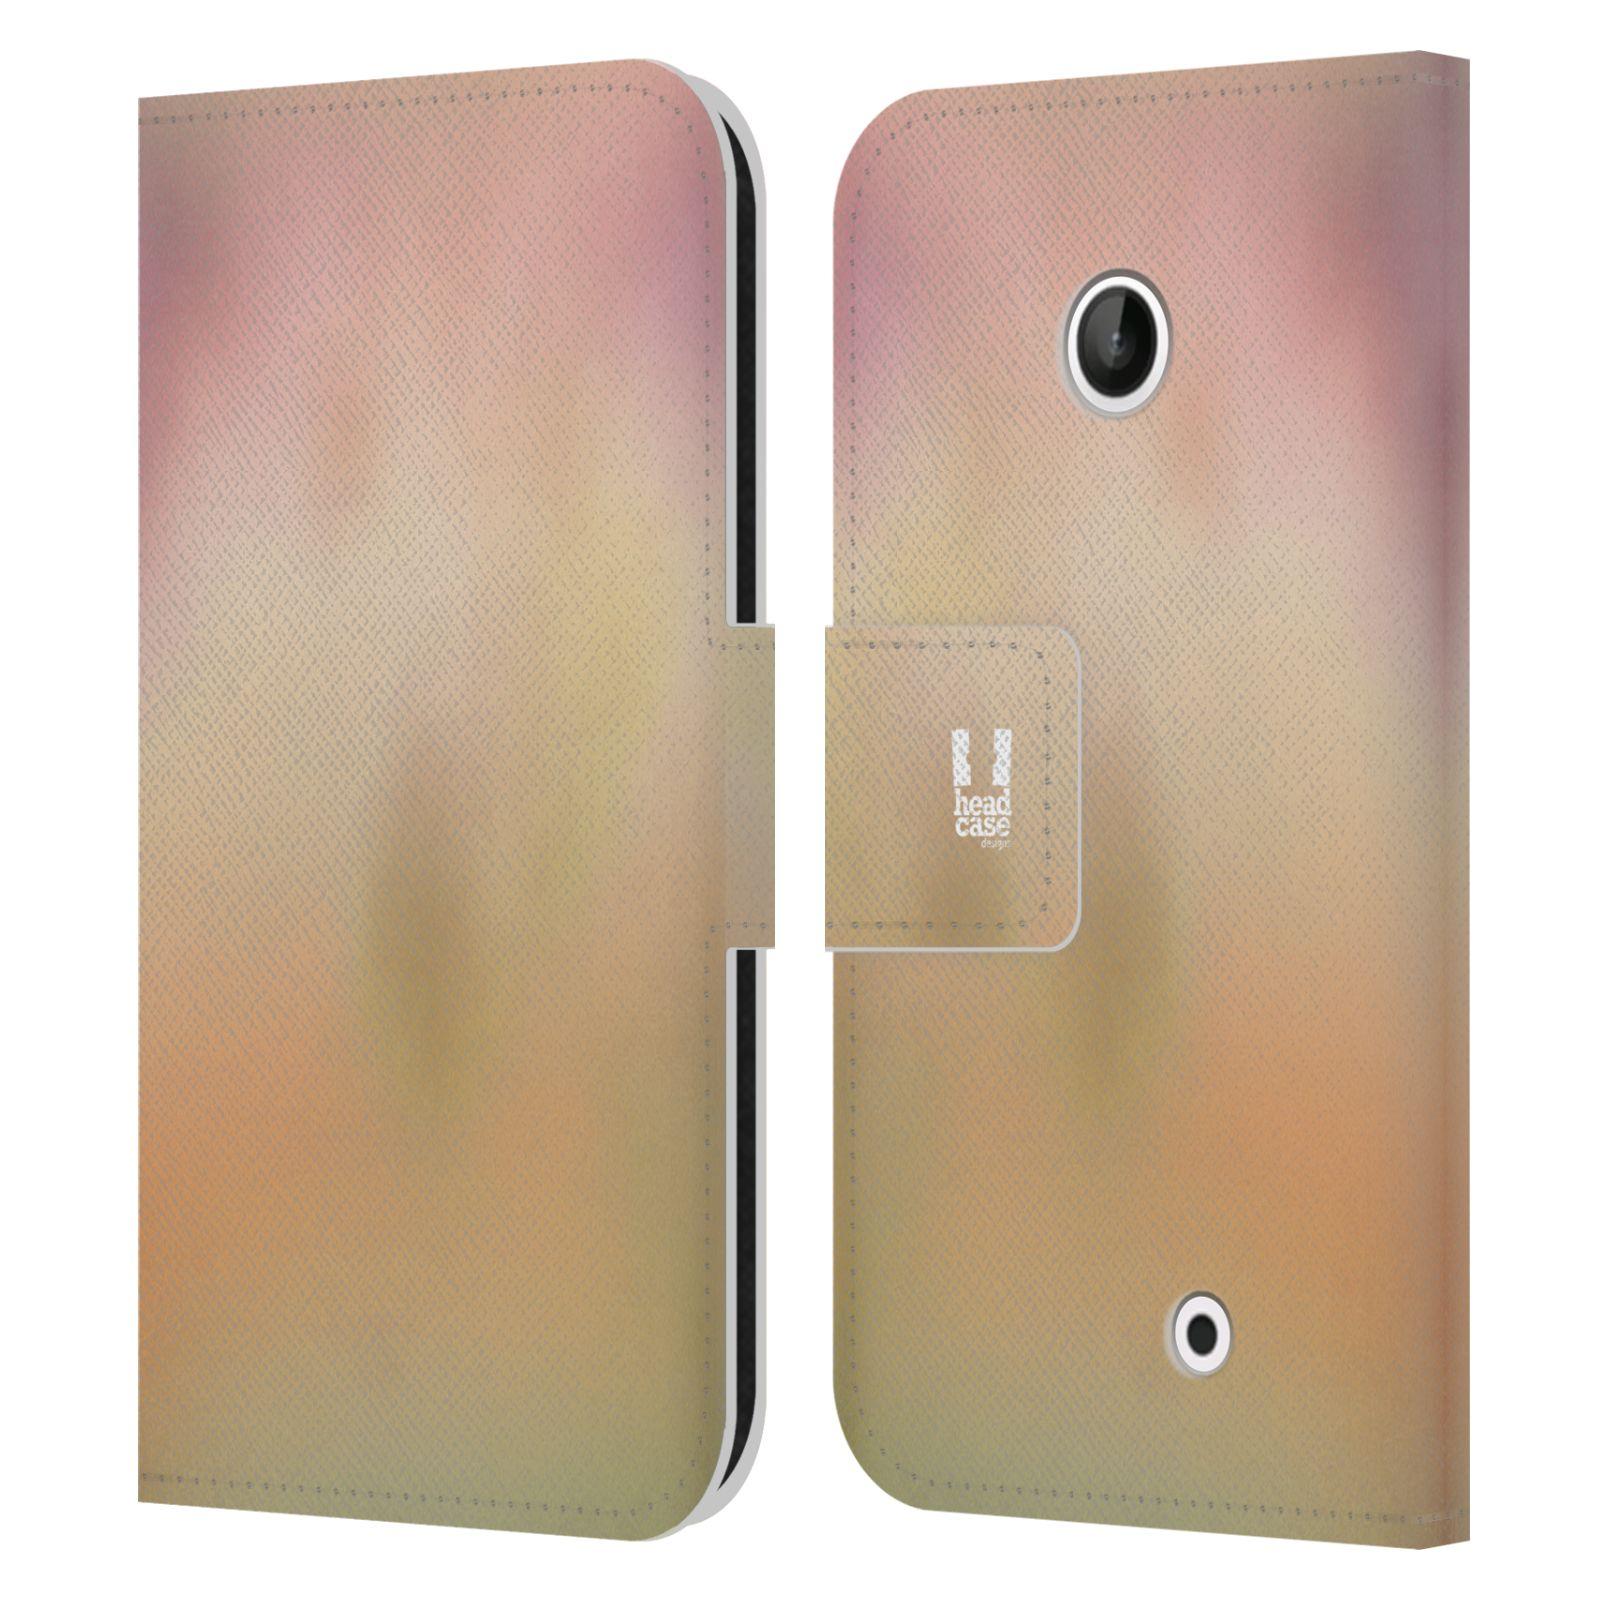 HEAD CASE Flipové pouzdro pro mobil NOKIA LUMIA 630 / LUMIA 630 DUAL AQUAREL barvy NOSTALGIE